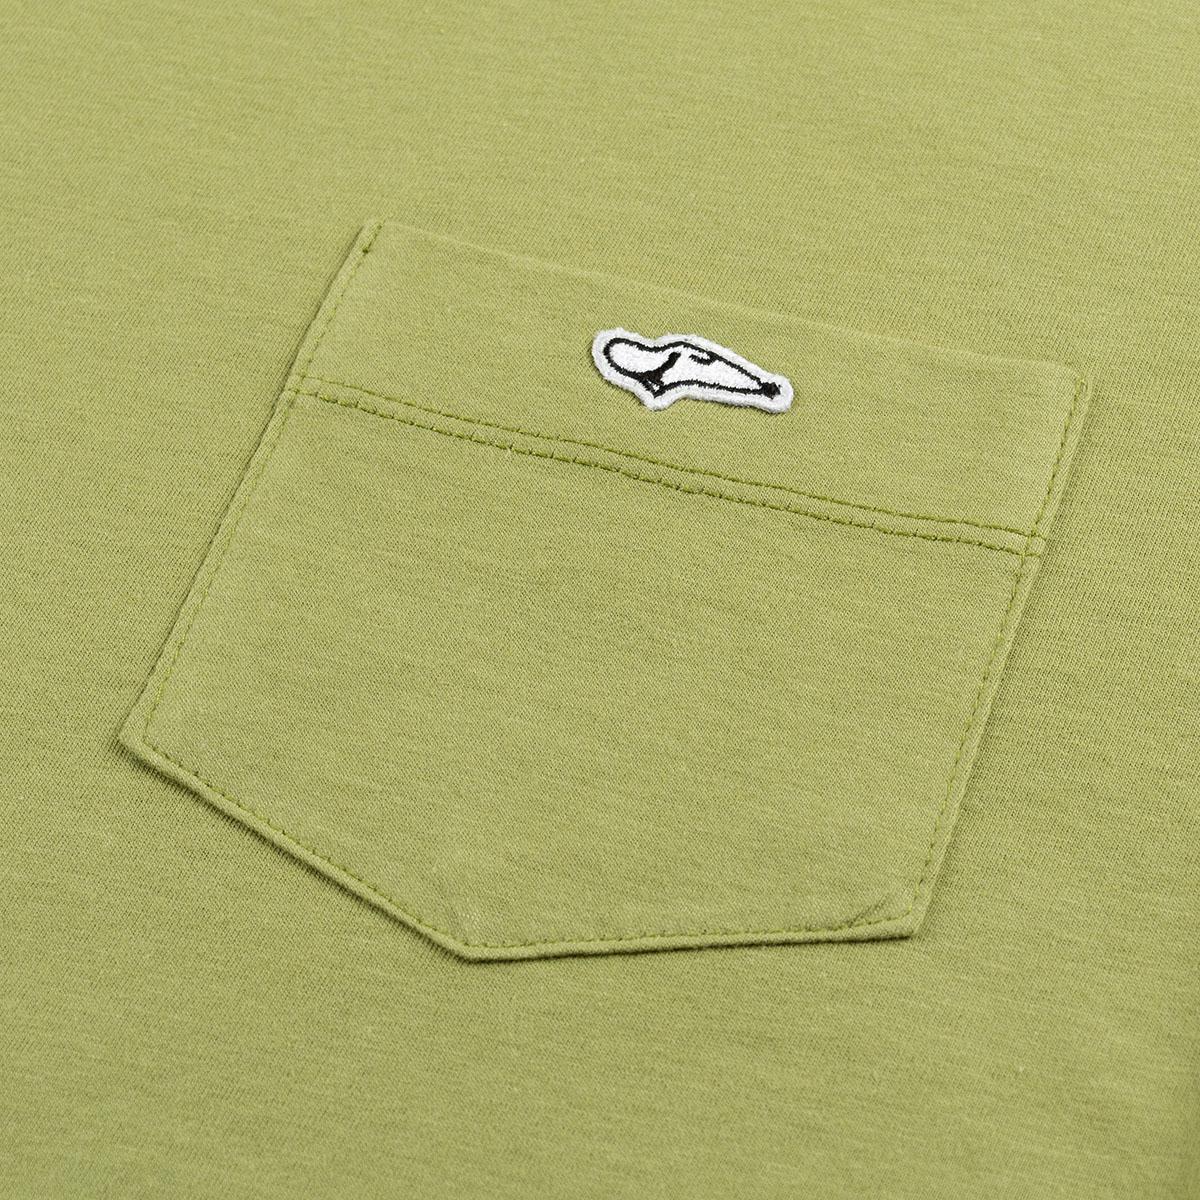 PocketDogFace,เสื้อผู้หญิง,เสื้อผ้าผู้หญิง,เสื้อครอป,เสื้อยืดครอป,เสื้อครอปคอกลม,เสื้อครอปแขนสั้น,เสื้อยืดคอกลม,เสื้อยืด,เสื้อยืดผู้หญิง,เสื้อยืดแขนสั้น